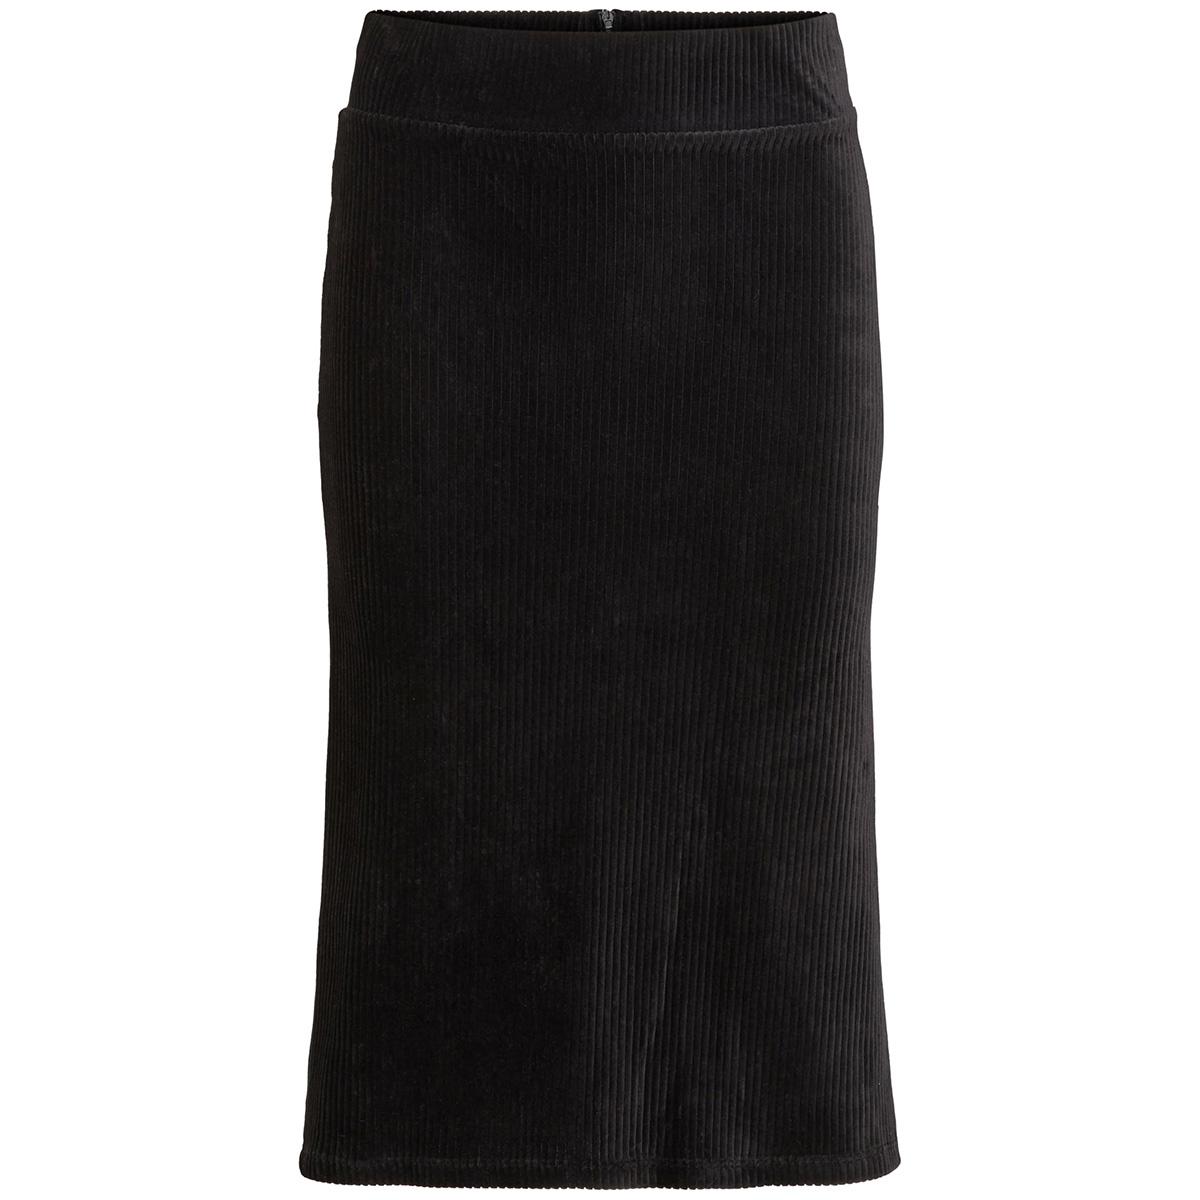 objviranti skirt 106 23031551 object rok black